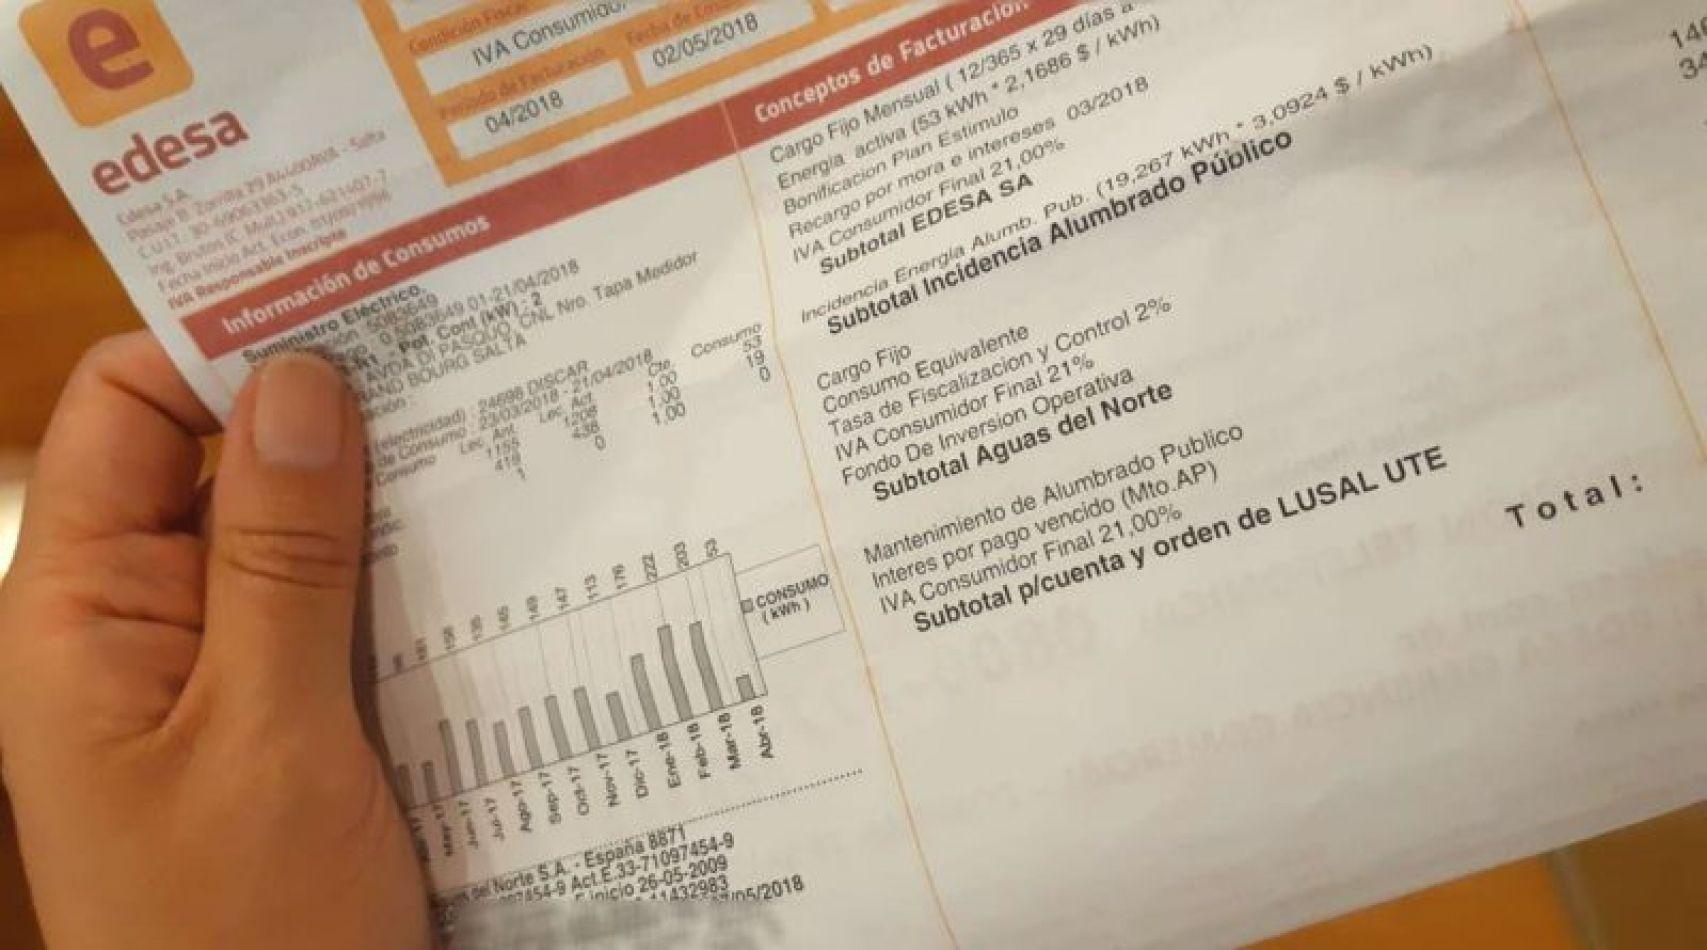 51657-facturas-estimadas-de-edesa-como-tramitar-un-reclamo-en-caso-de-cobre-excesivo